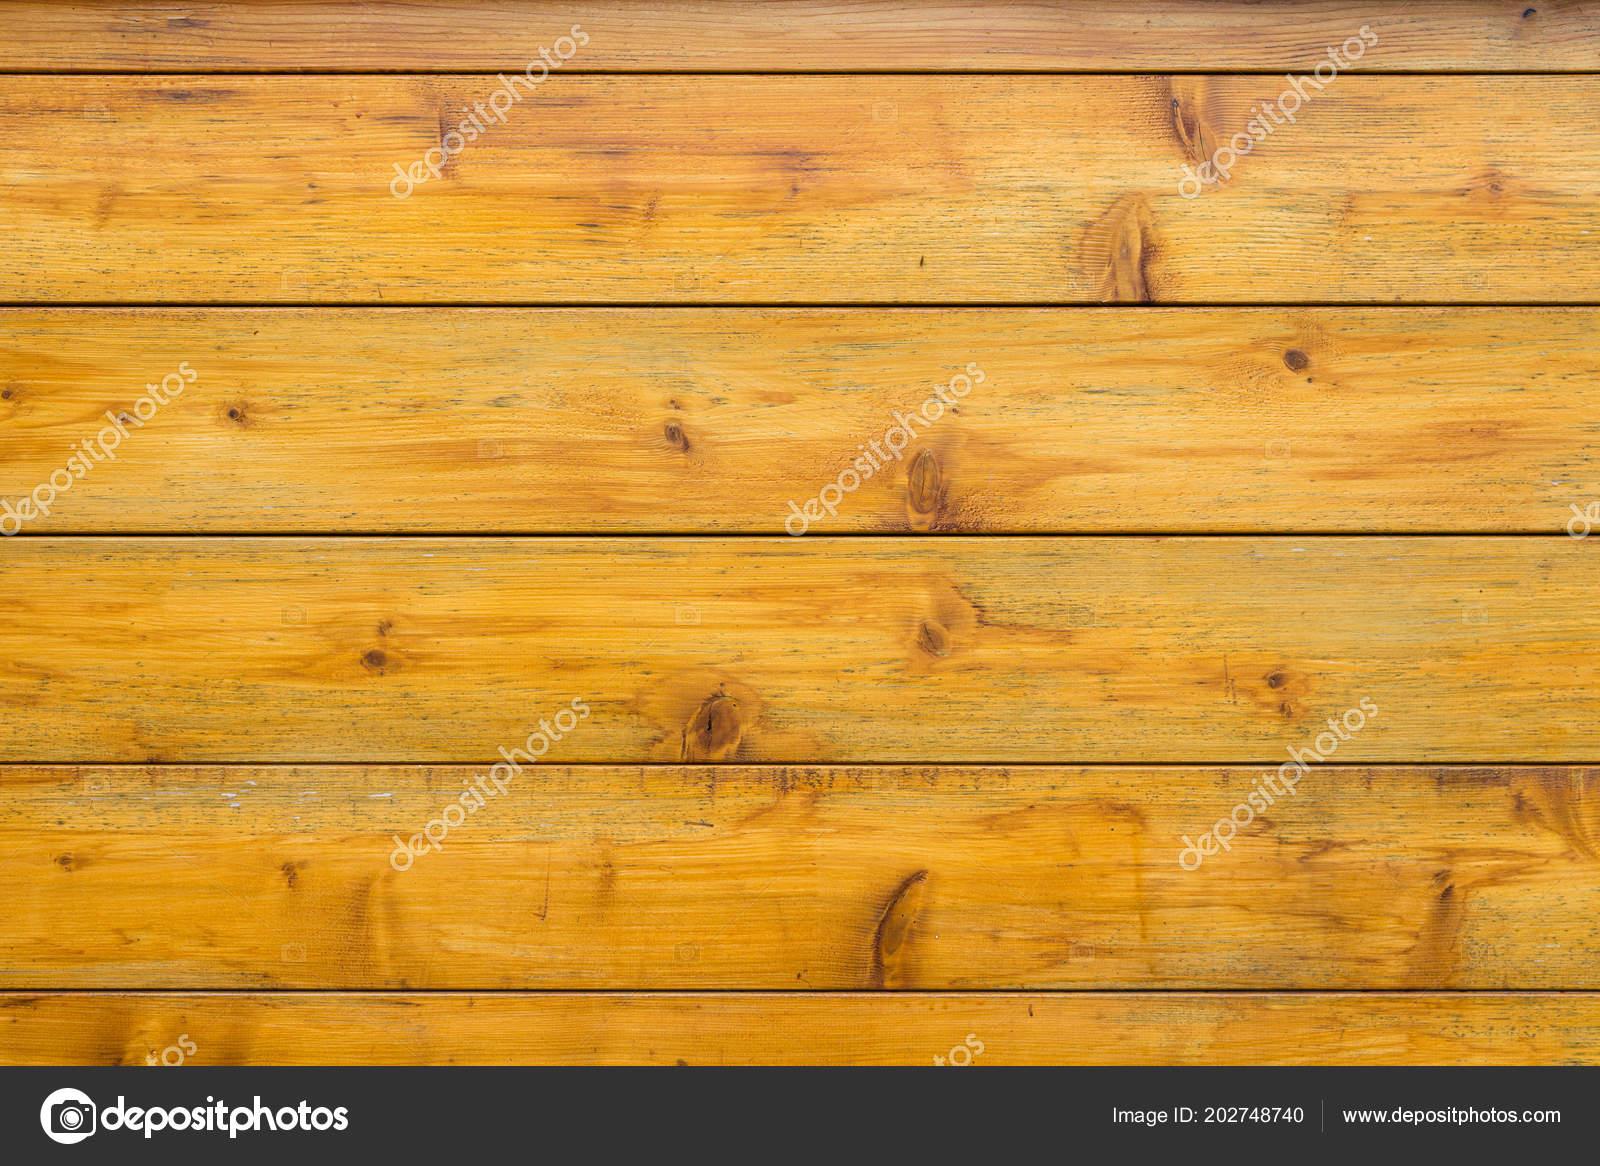 Painting Yellow Pine